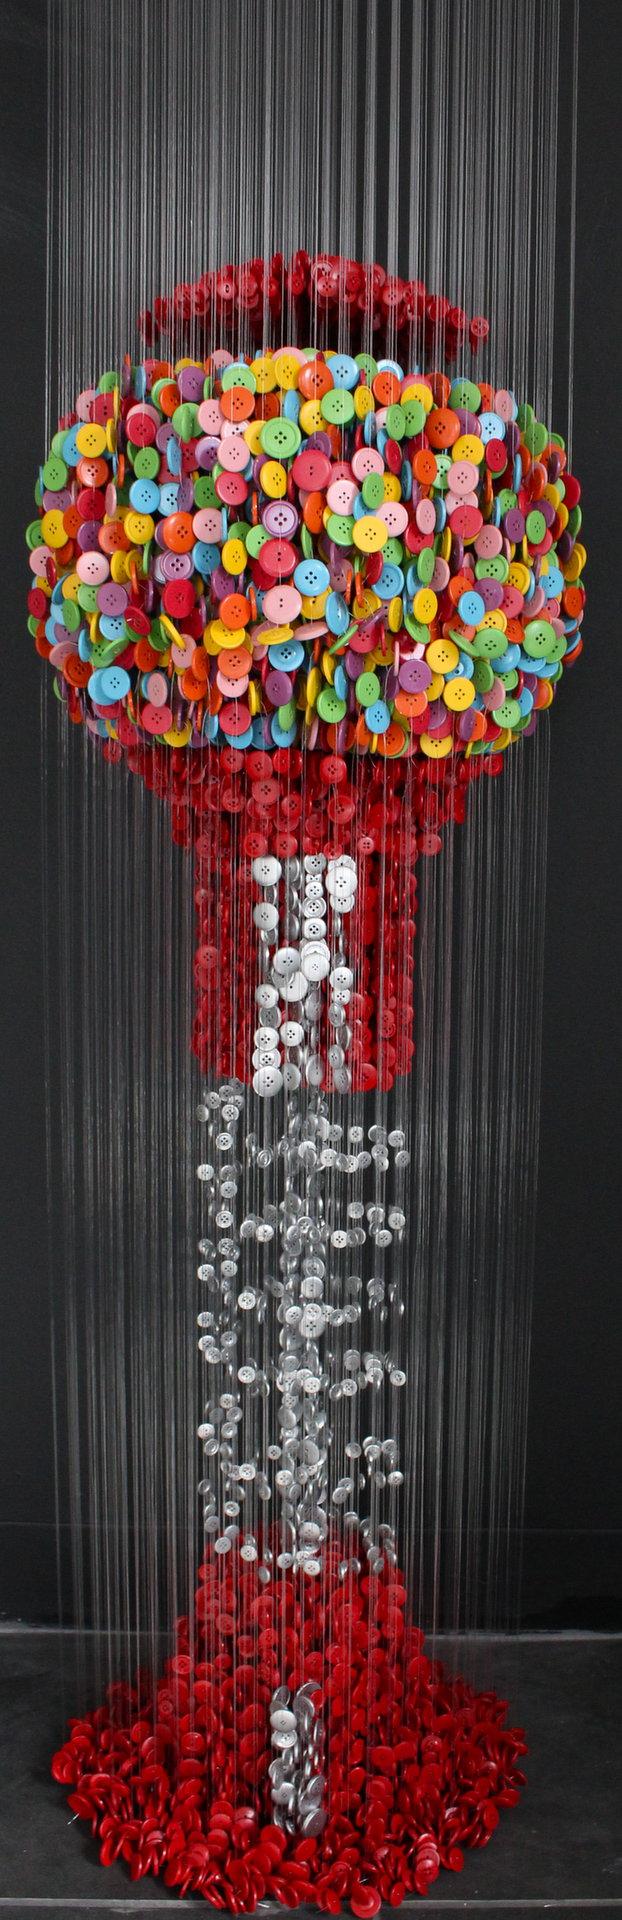 augustoesquivelbuttonsculptures17